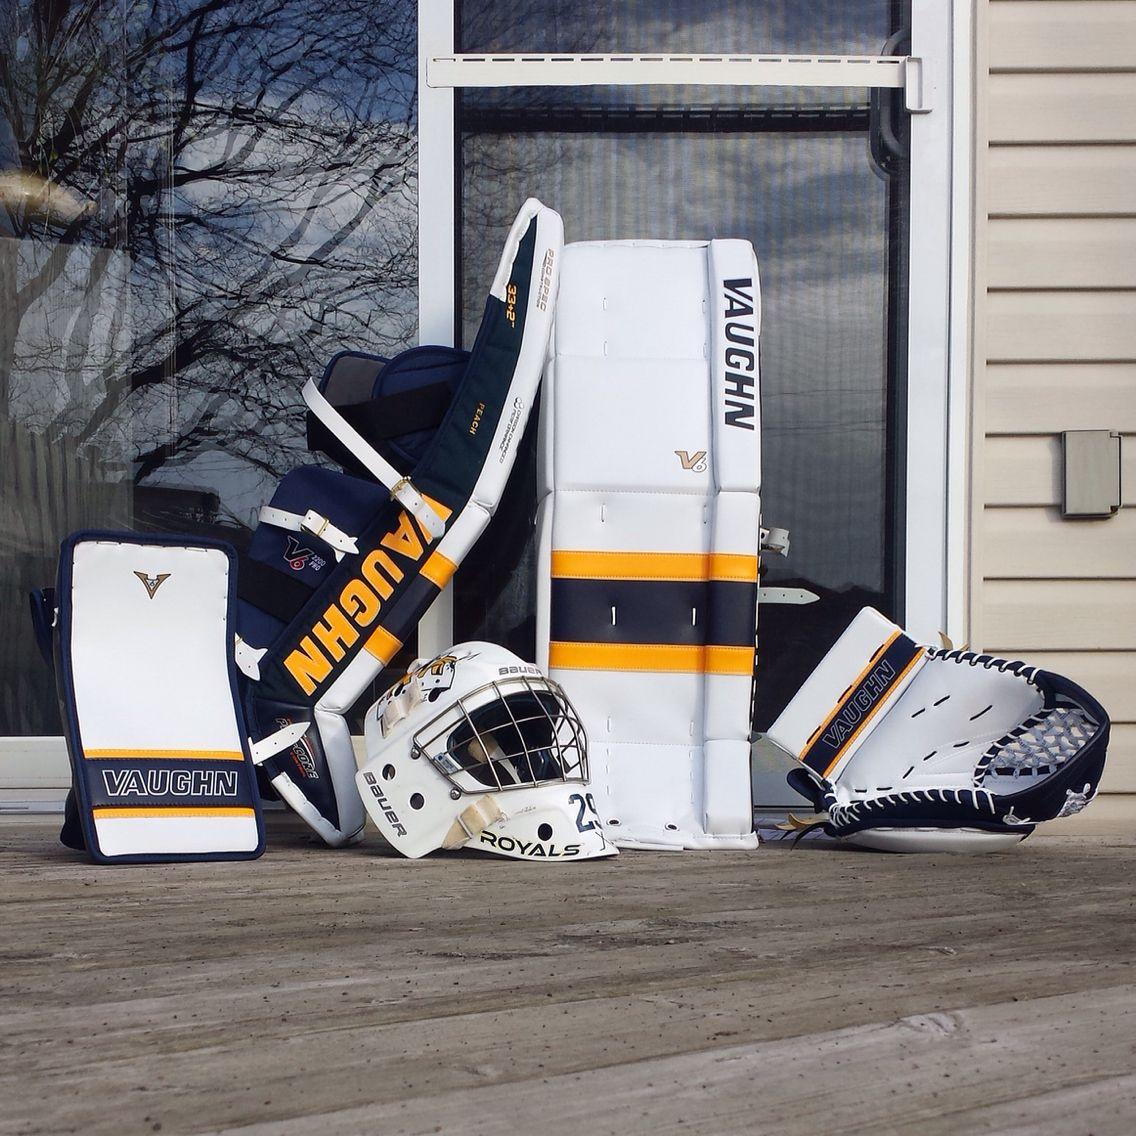 Pin by Treyson Boesch on Goalie Pads   Goalie gear, Goalie pads, Hockey